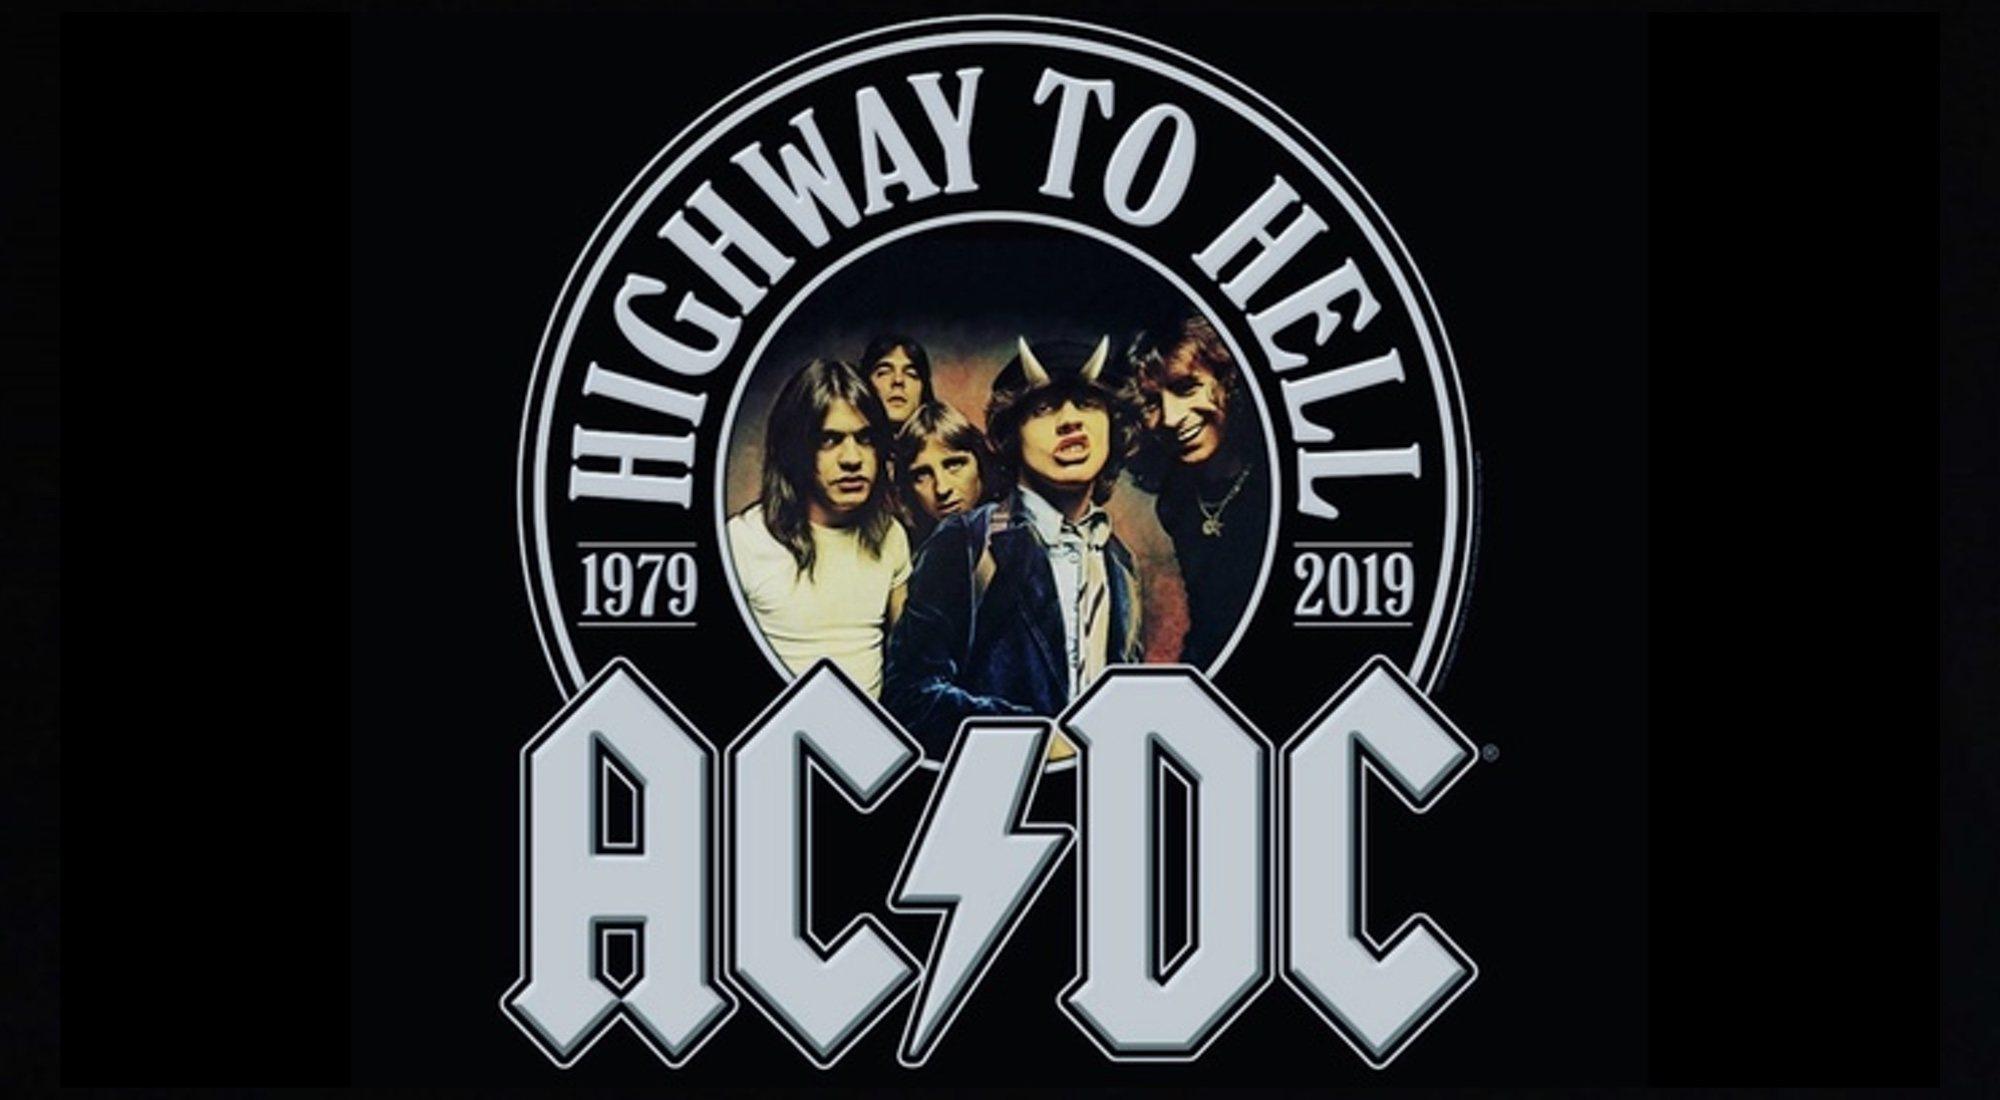 40 años de 'Highway To Hell', el disco que consagró a AC/DC